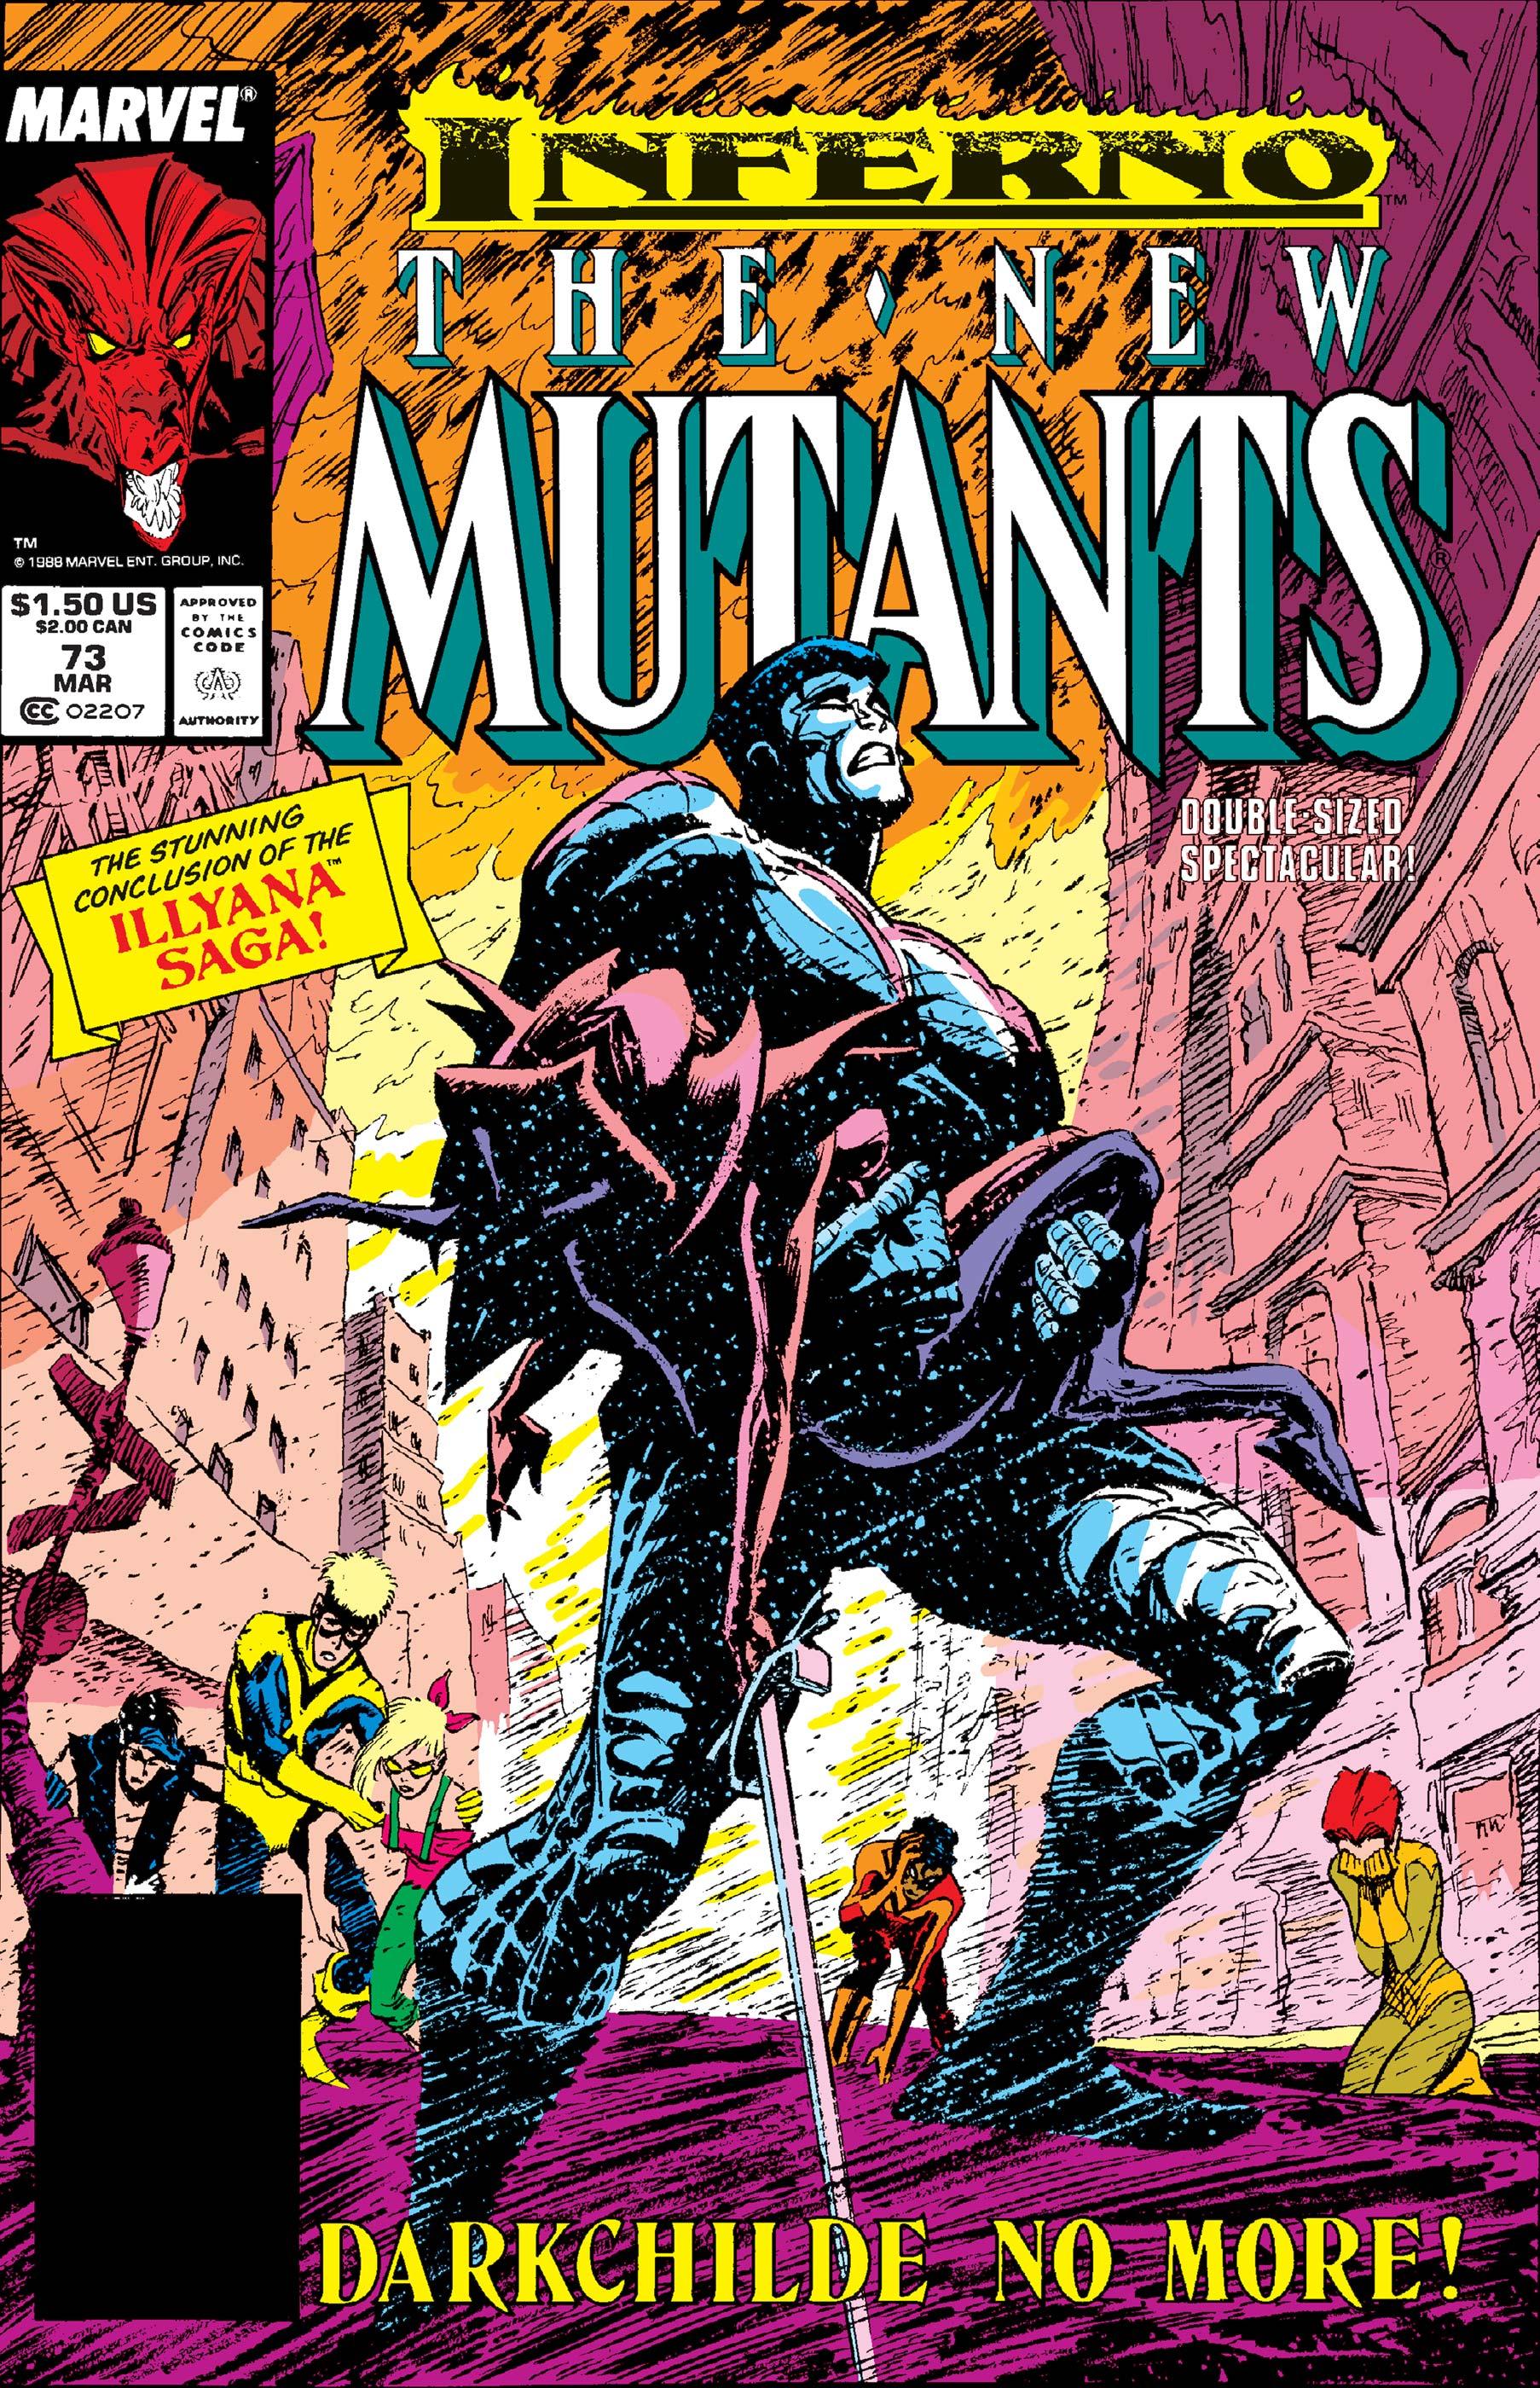 New Mutants (1983) #73